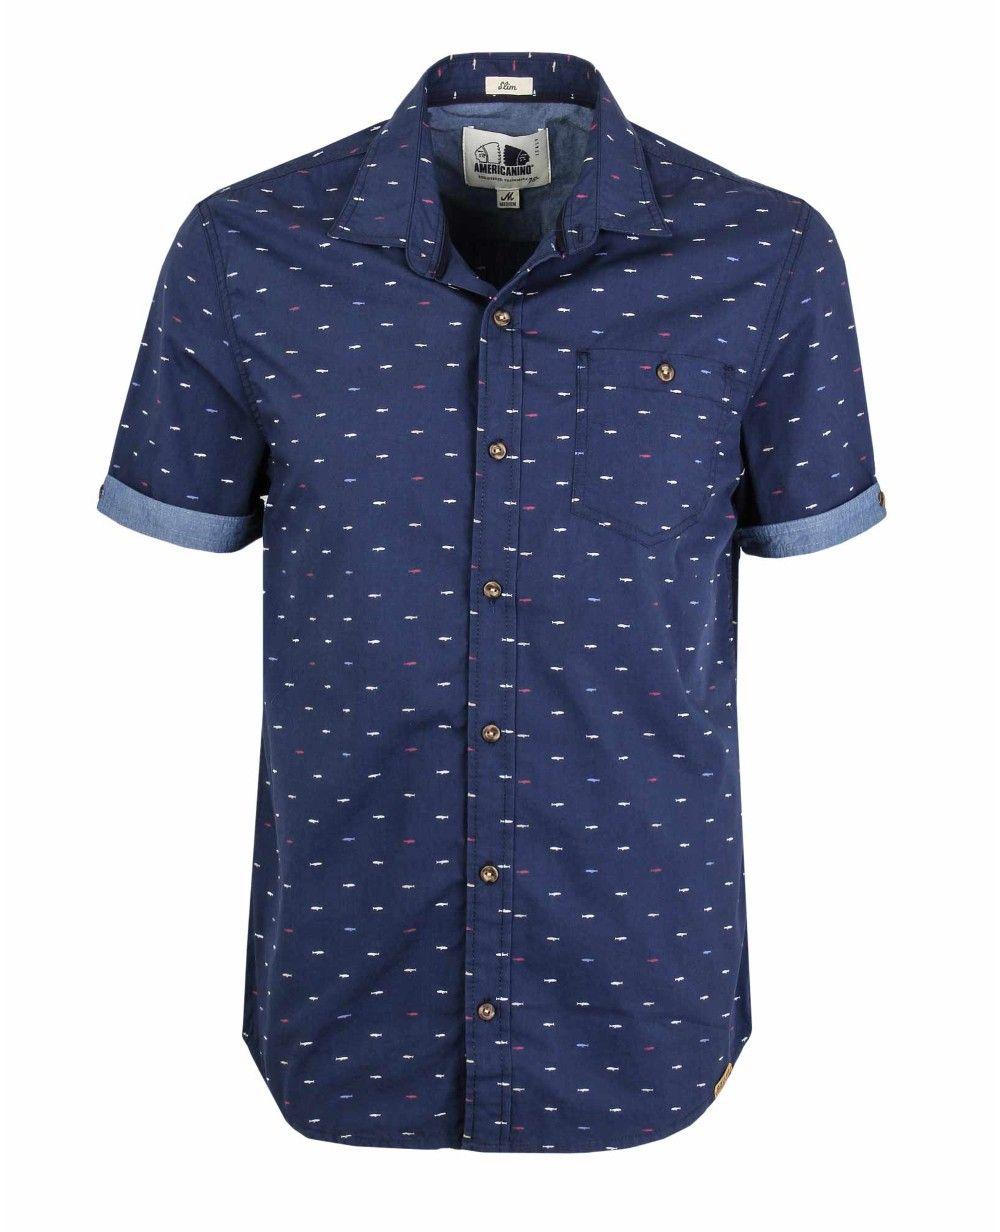 5ad859a1d Camisa 8136020 - americanino Camisas Masculinas